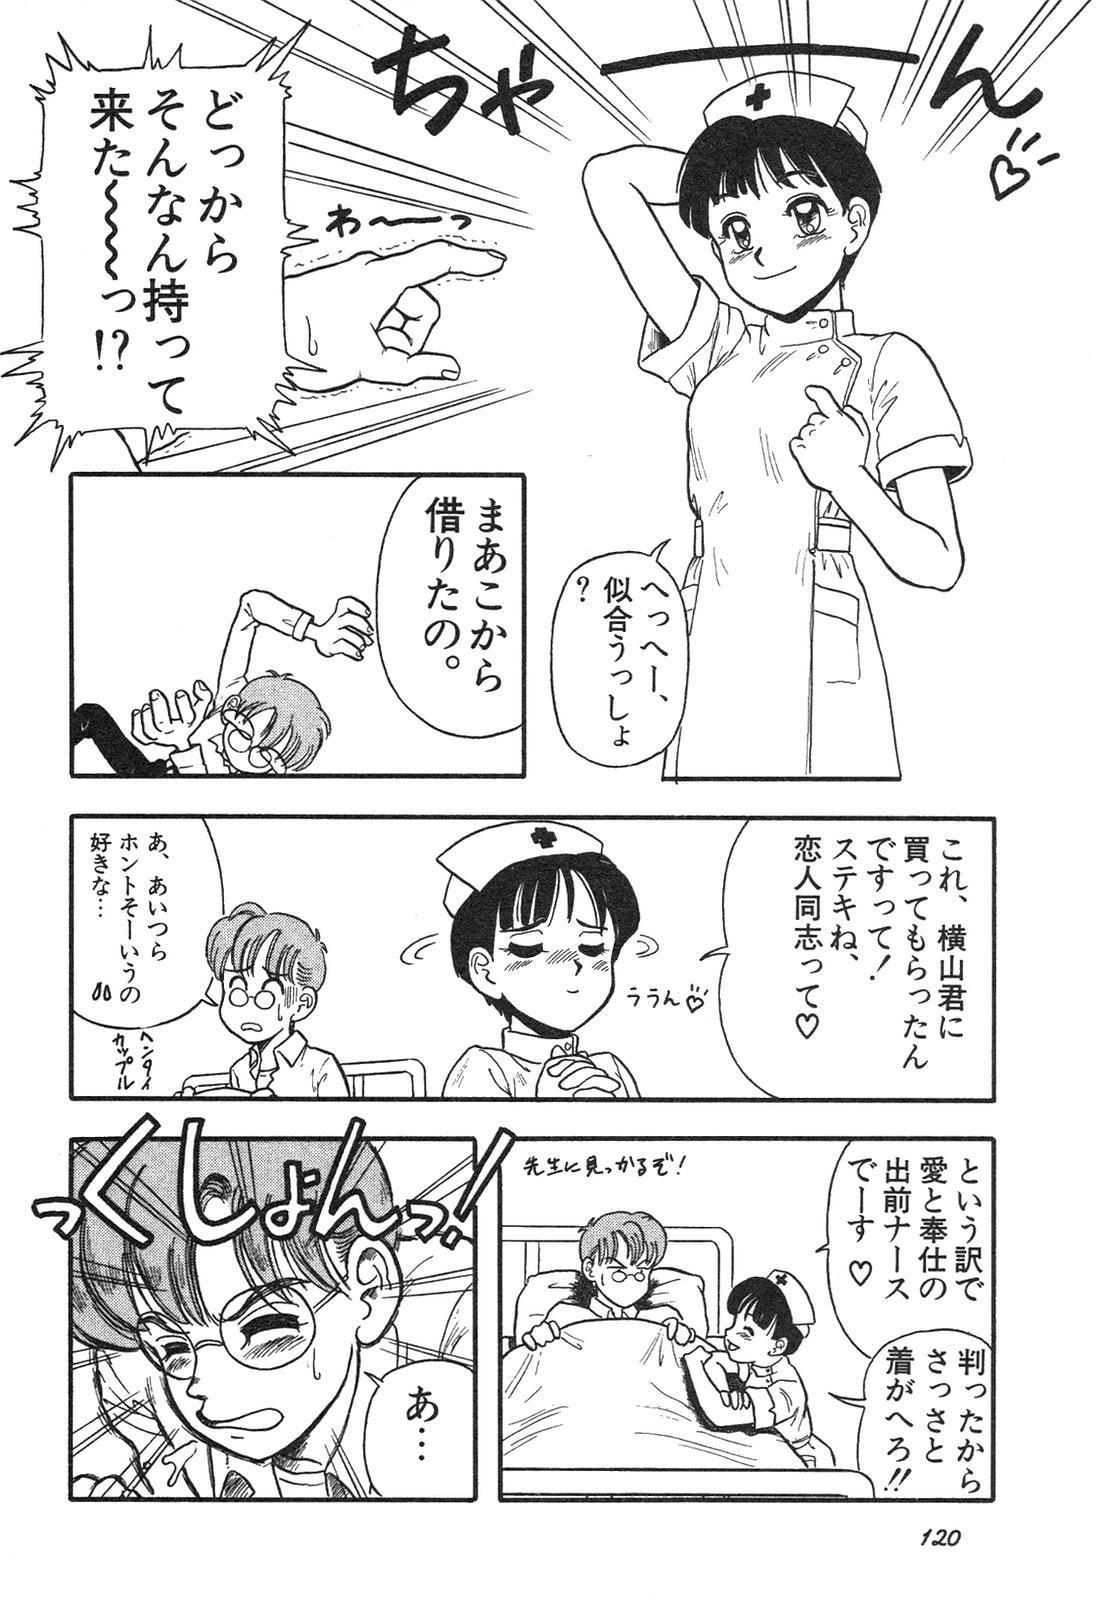 Shin Bishoujo Shoukougun 3 Yamato hen 120